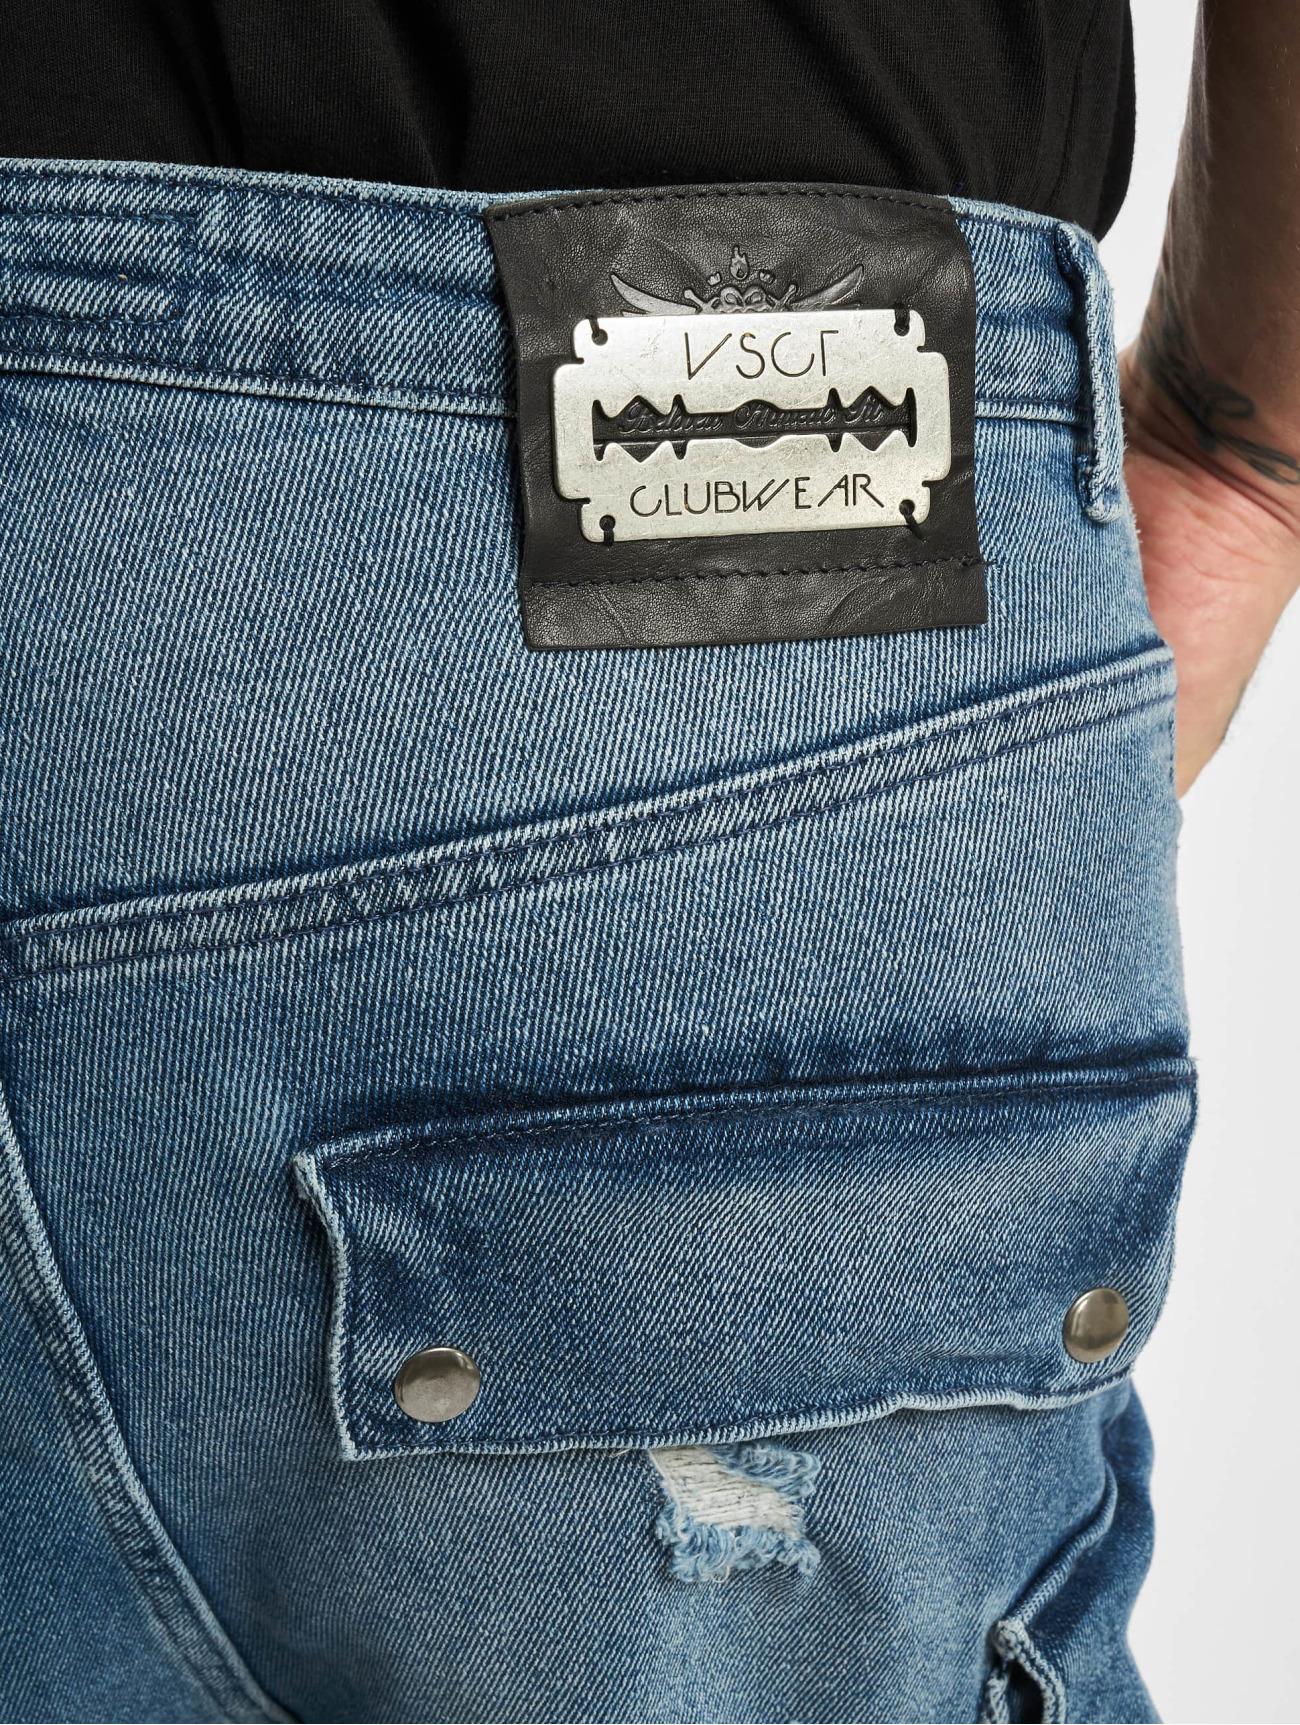 VSCT Clubwear  Cargo Spencer New Gen 2 Low  bleu Homme Jean slim  752636 Homme Jeans